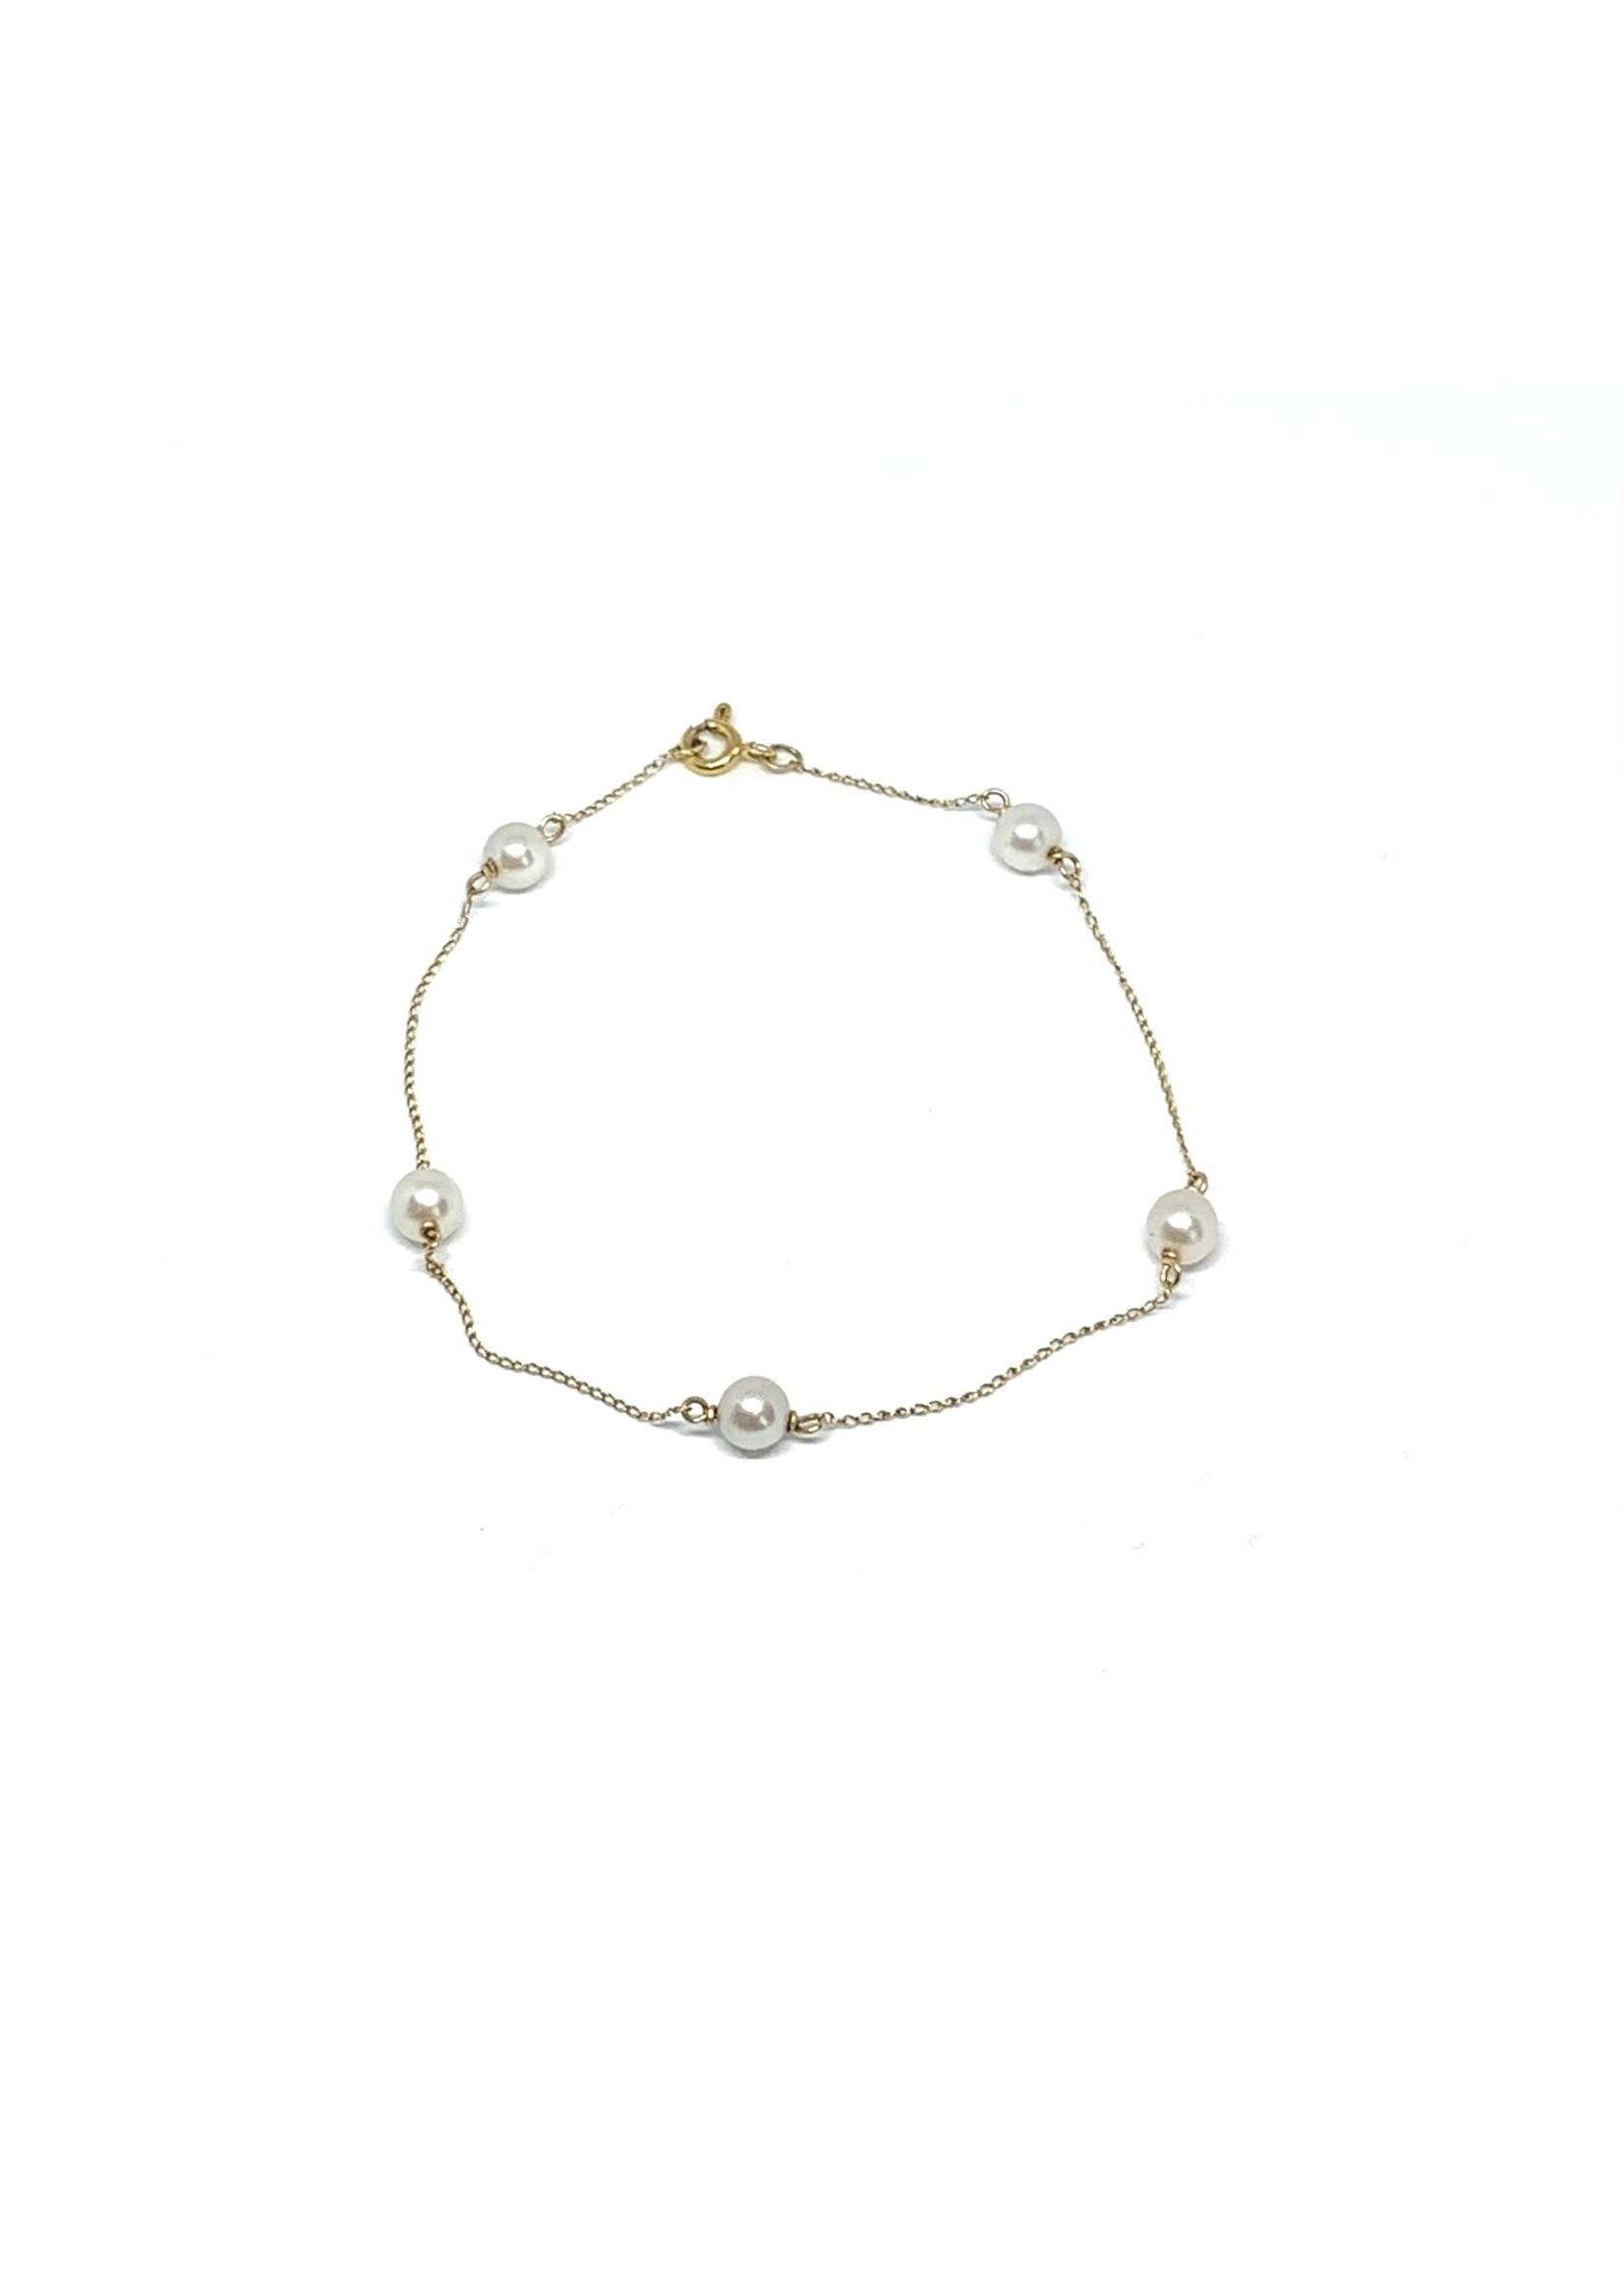 PARÉ Bracelet en Or 10K avec perles d'eau douce